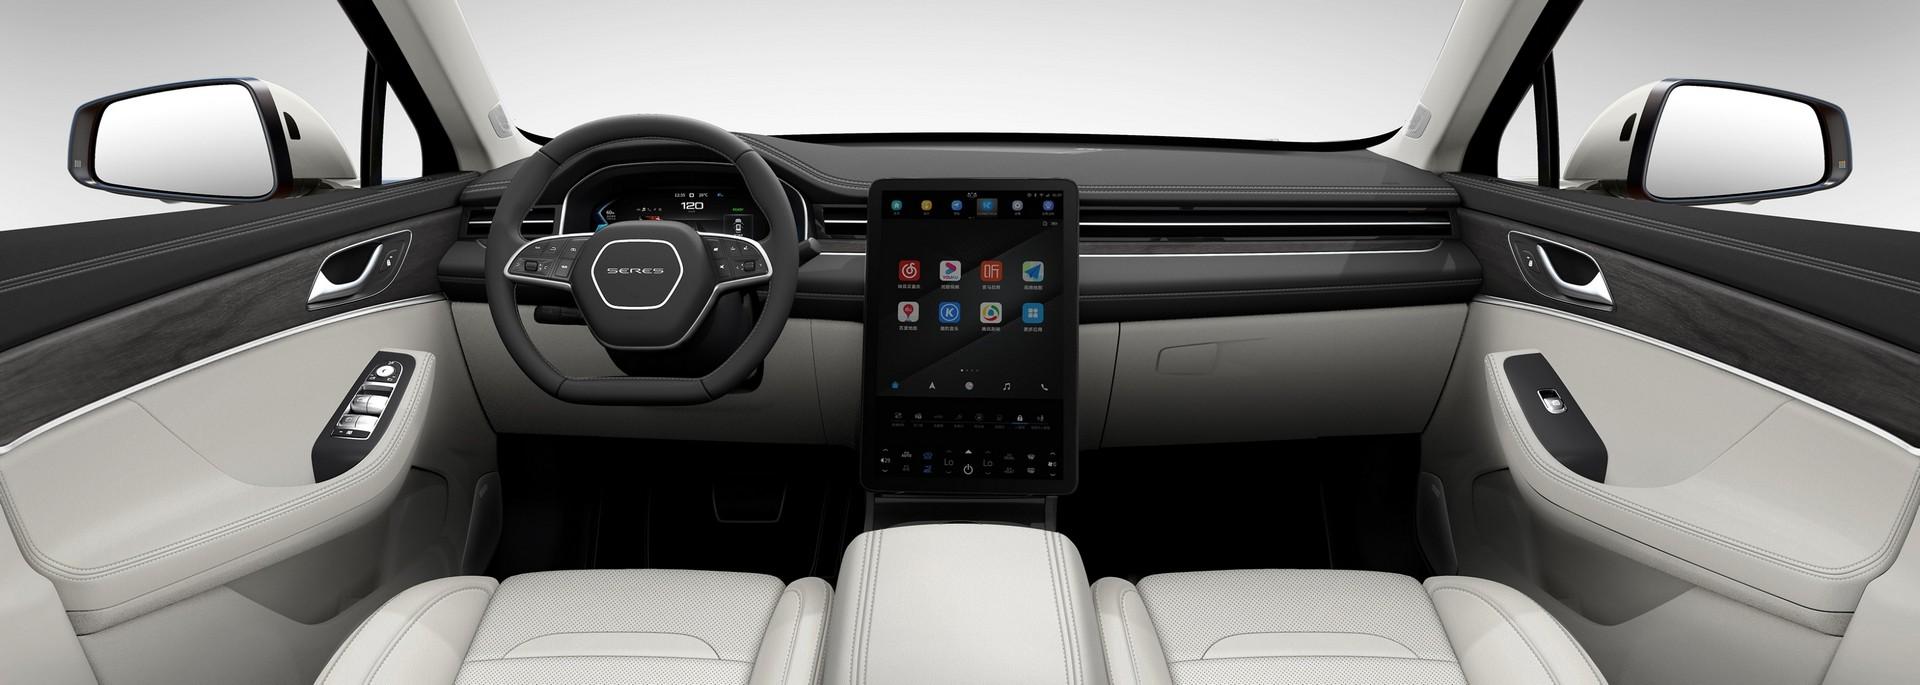 Первый автомобиль Huawei выходит на рынок 2